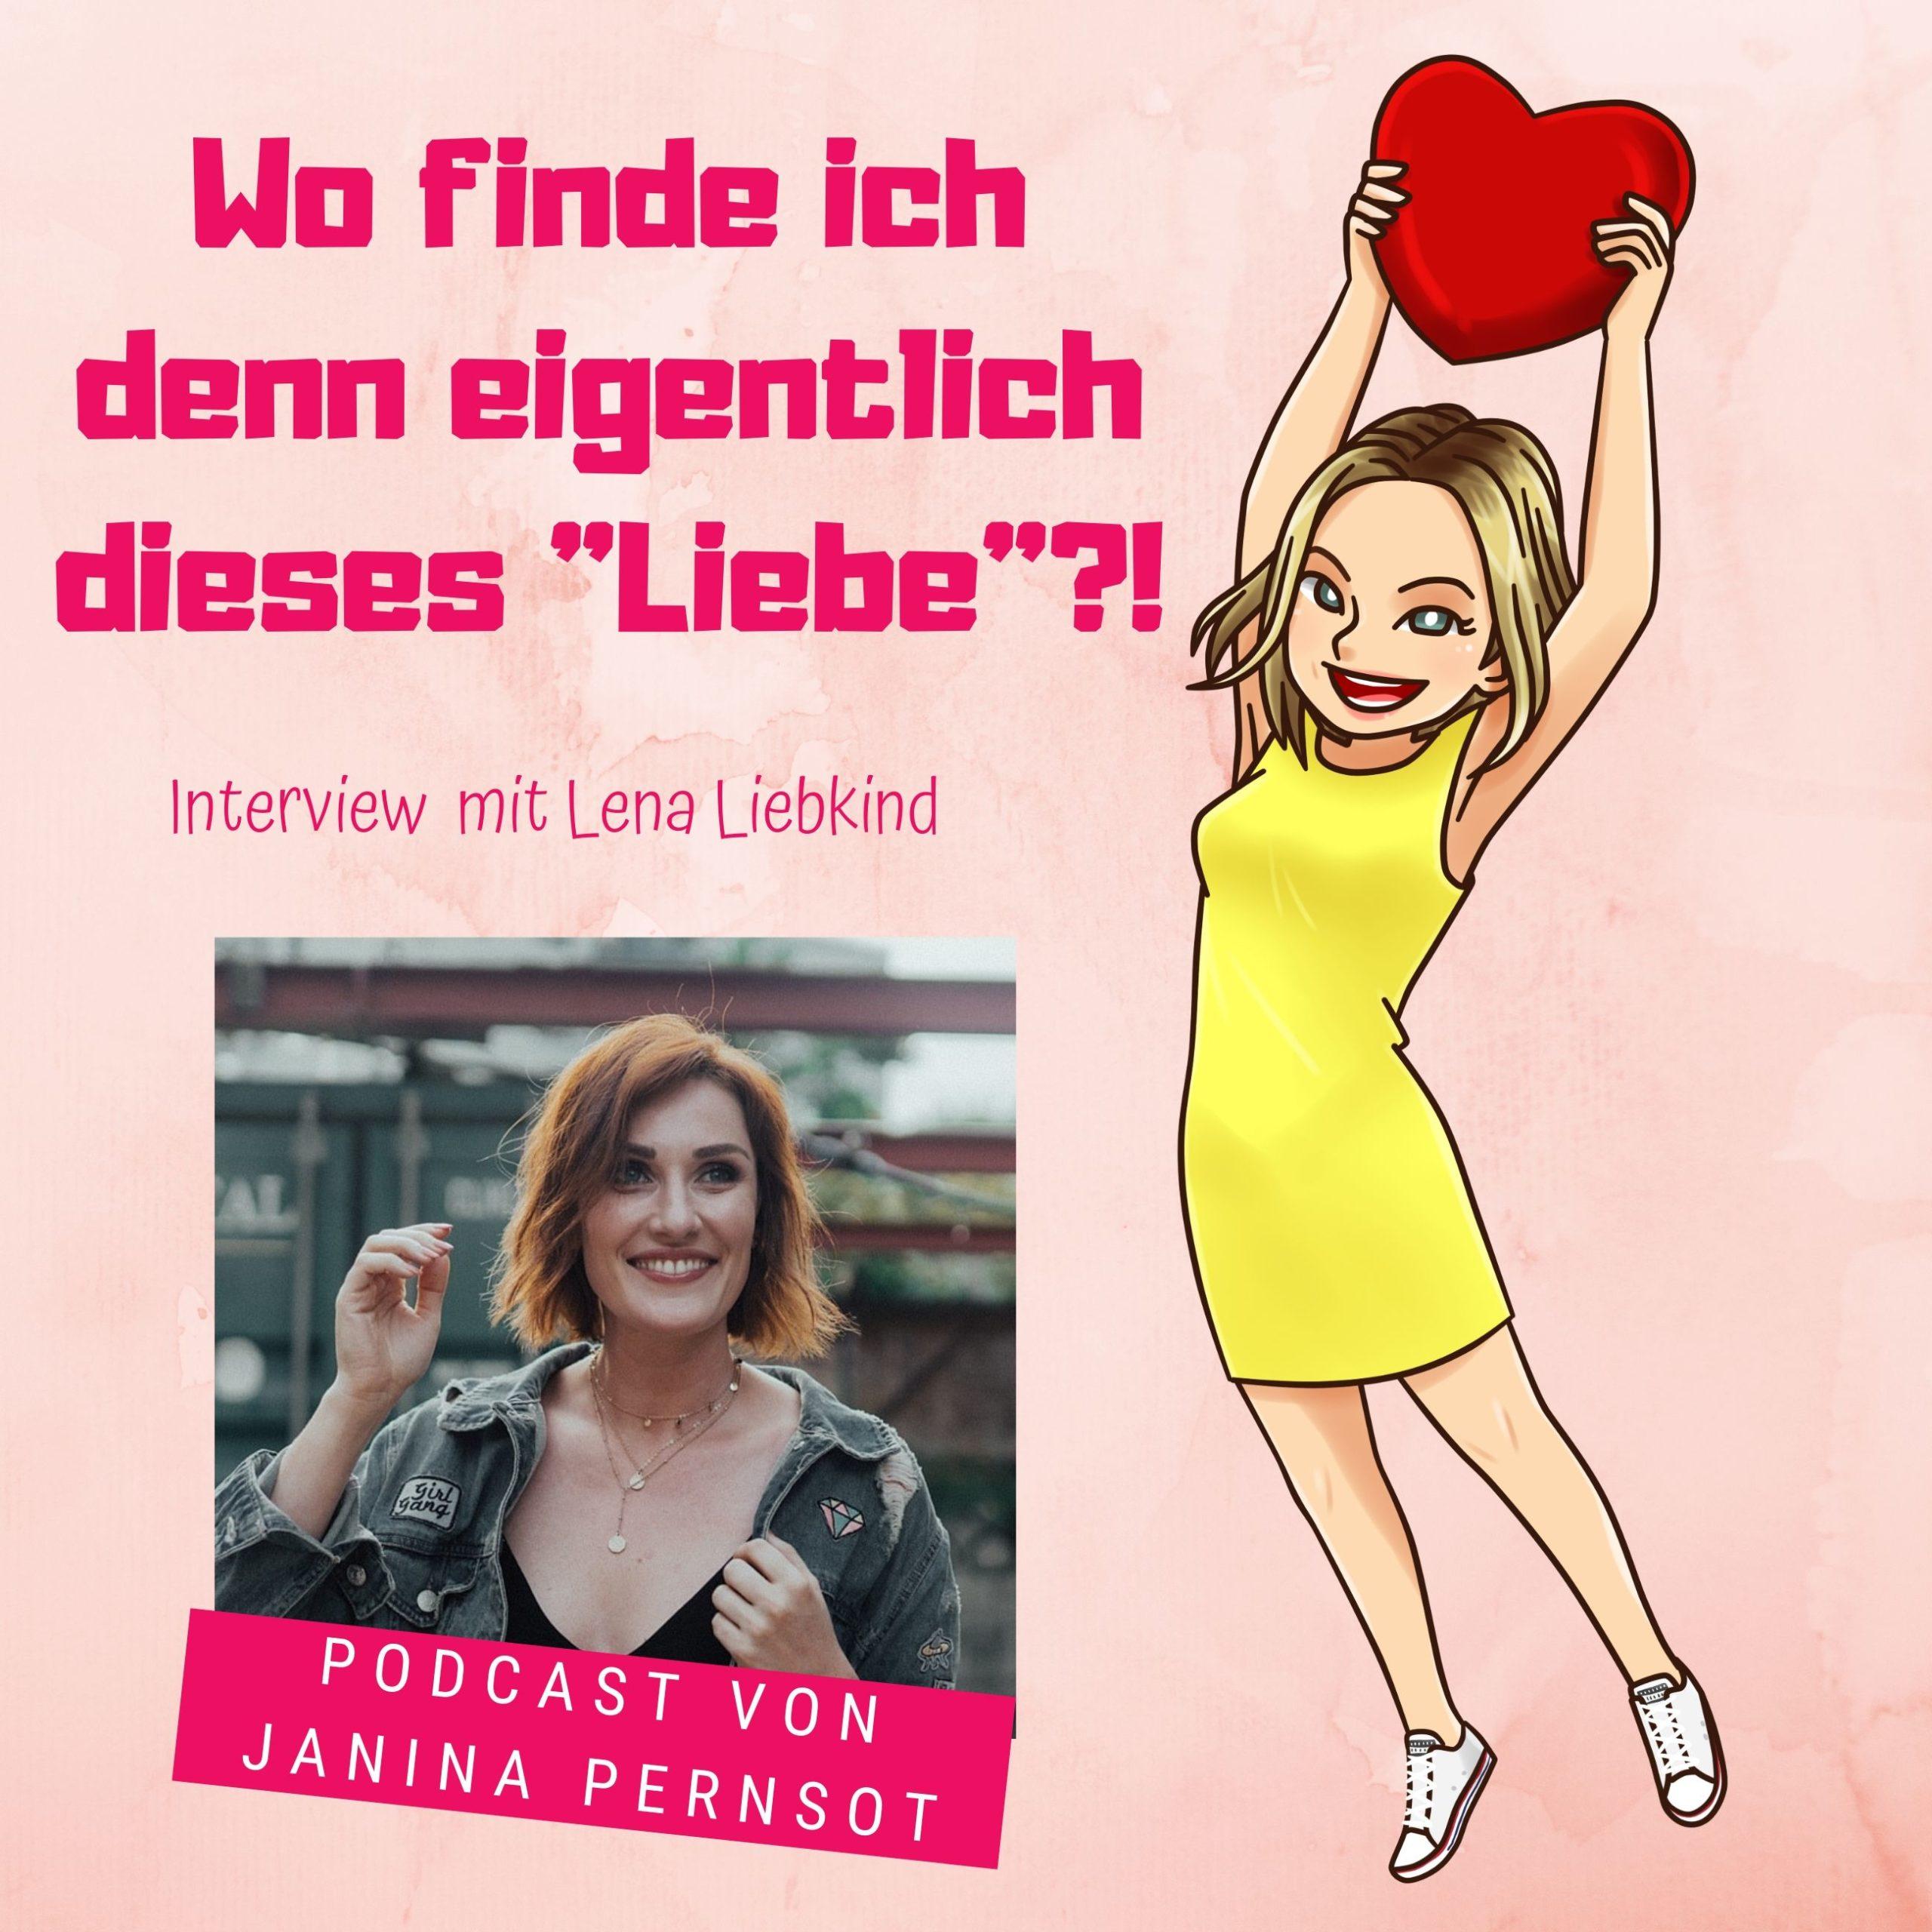 """Folge 9: Wo finde ich eigentlich dieses """"Liebe""""?! – Interview mit Lena Liebkind"""